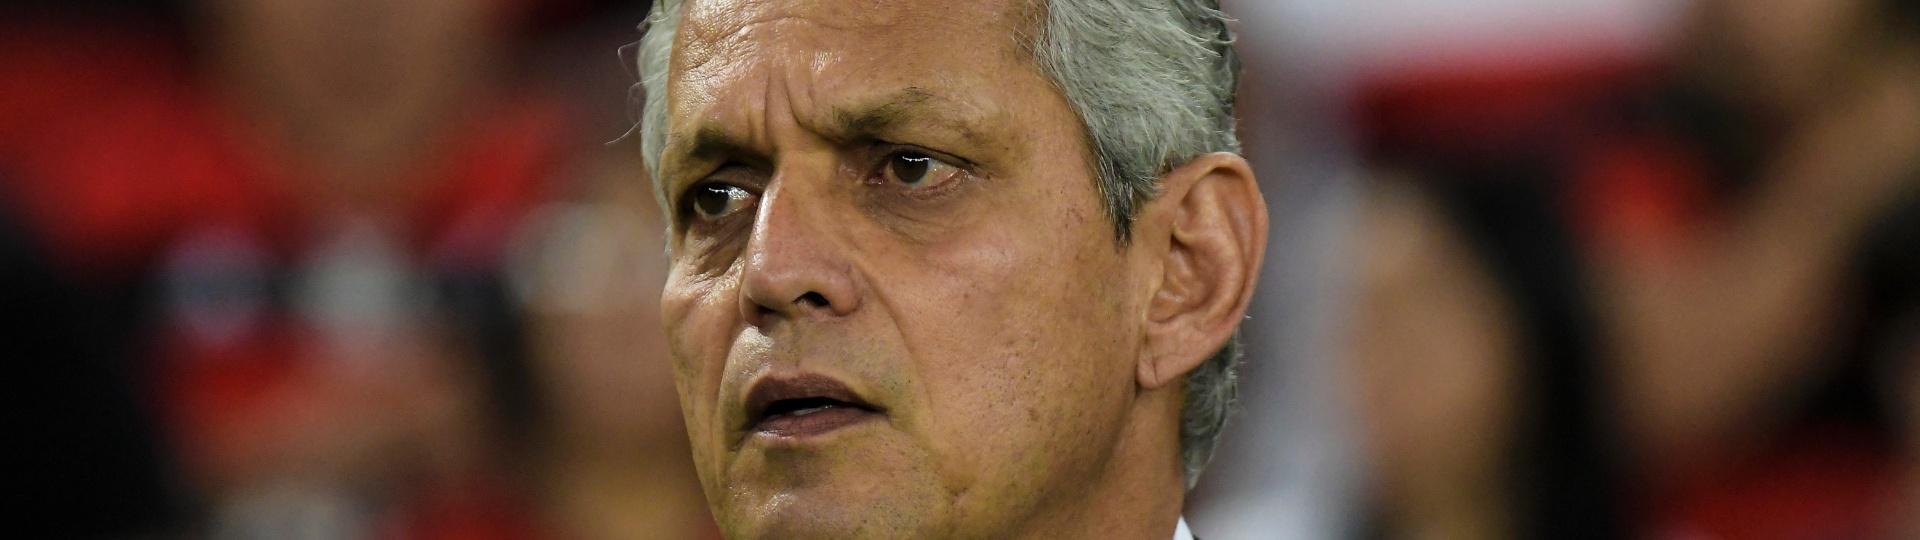 O colombiano Reinaldo Rueda acompanha o jogo do Flamengo contra o Fluminense